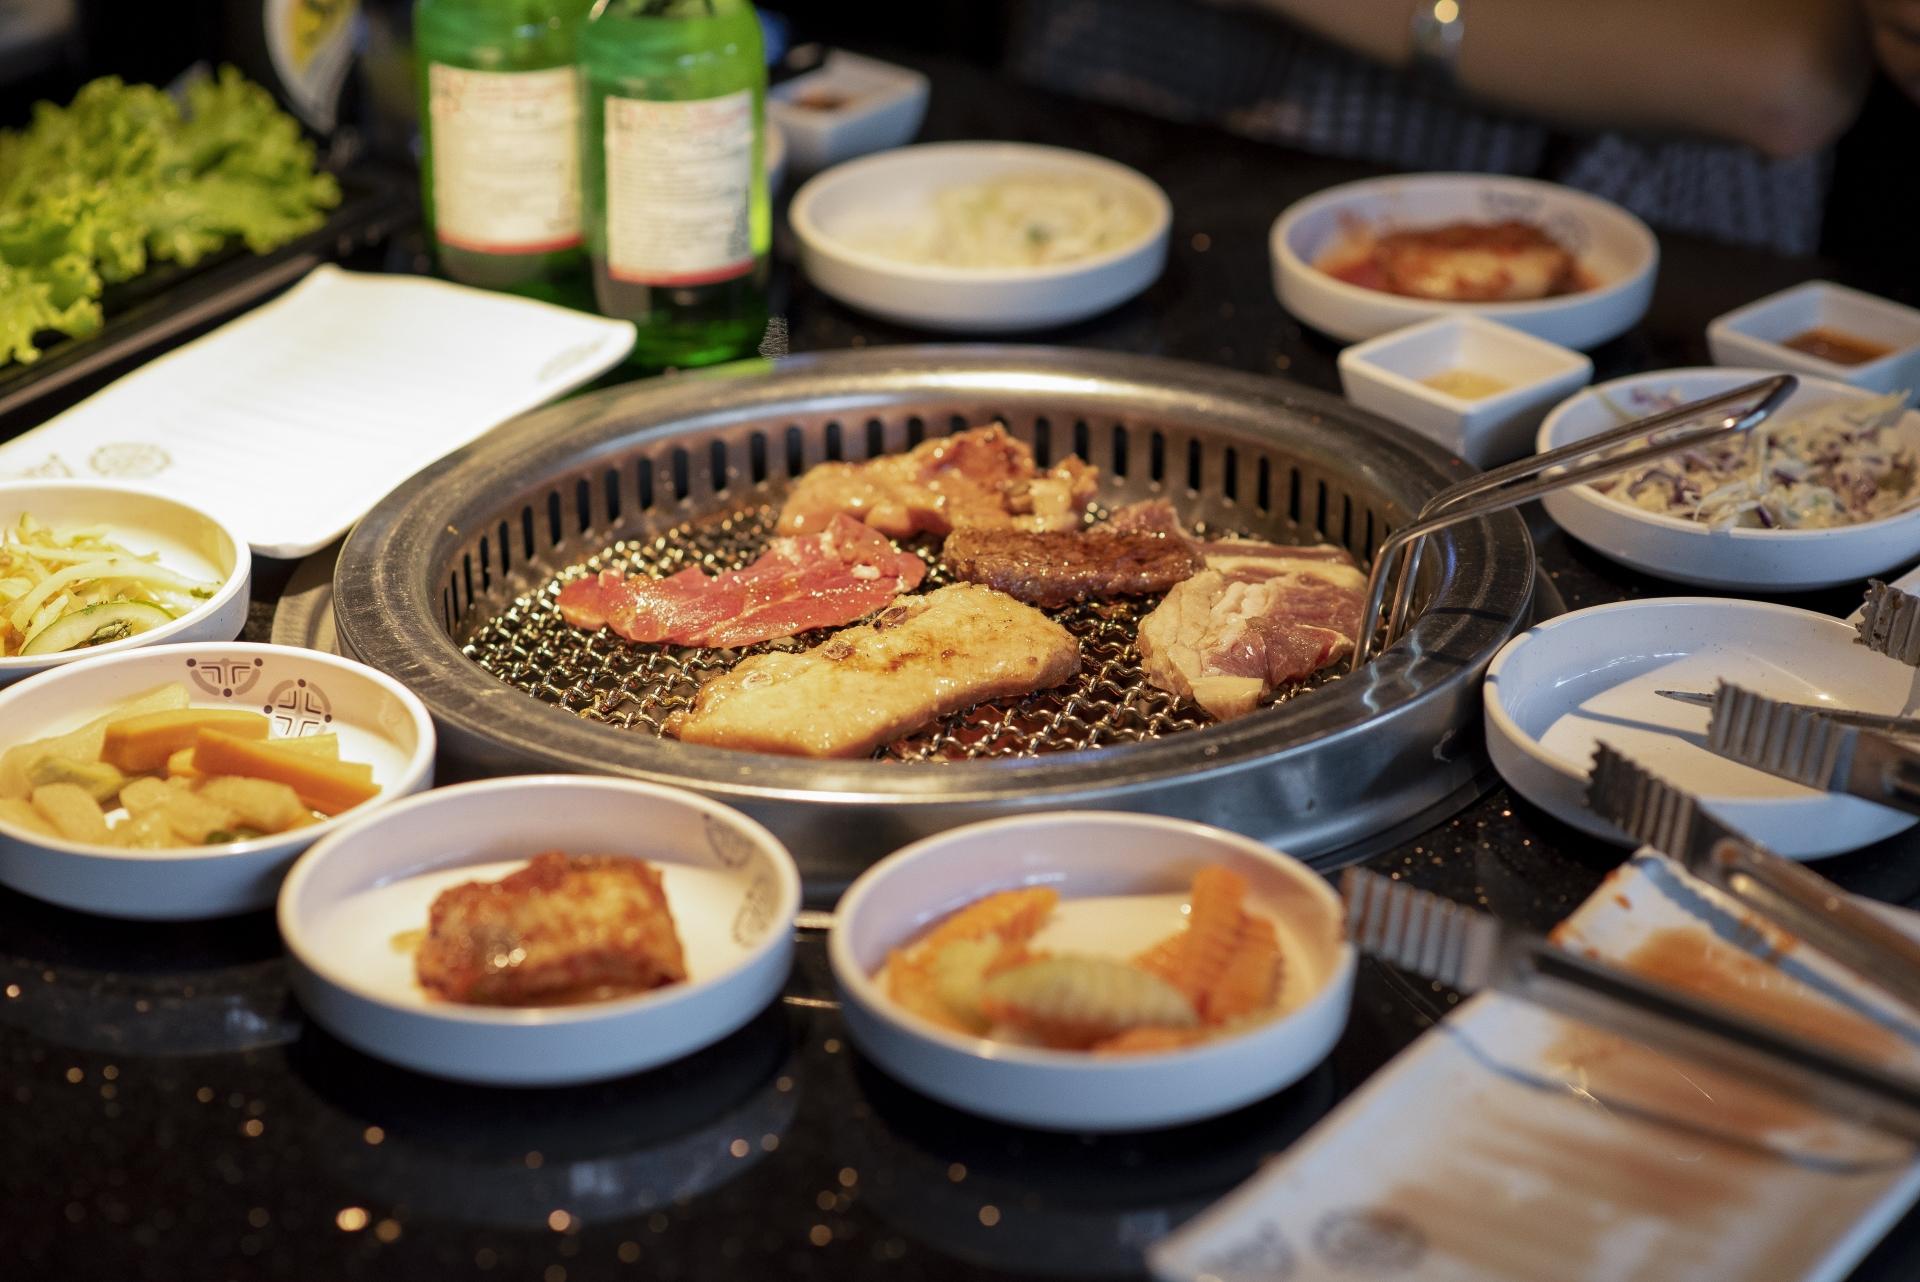 七輪焼肉とその周りを囲むキムチやサラダなどの小皿